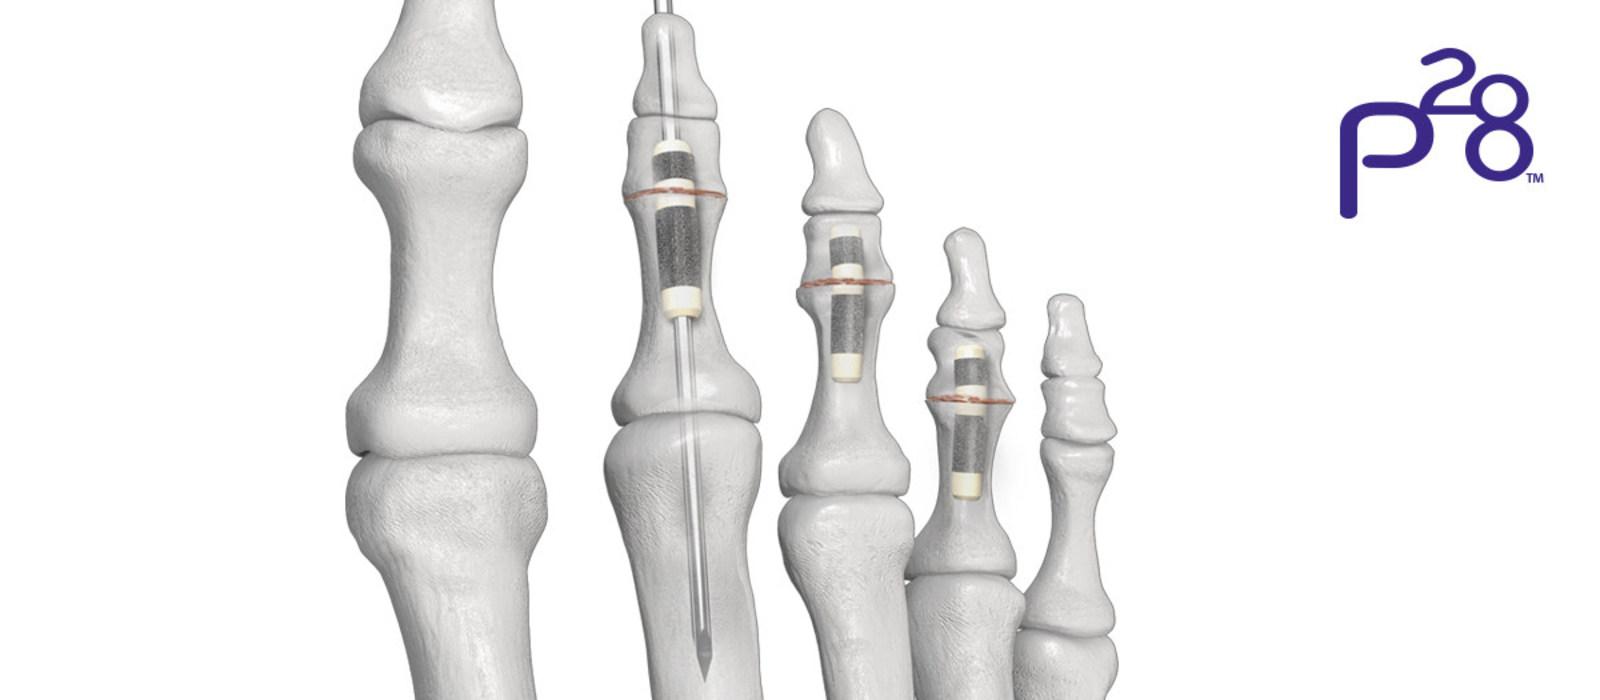 Pargon 28 HammerTube Implant System